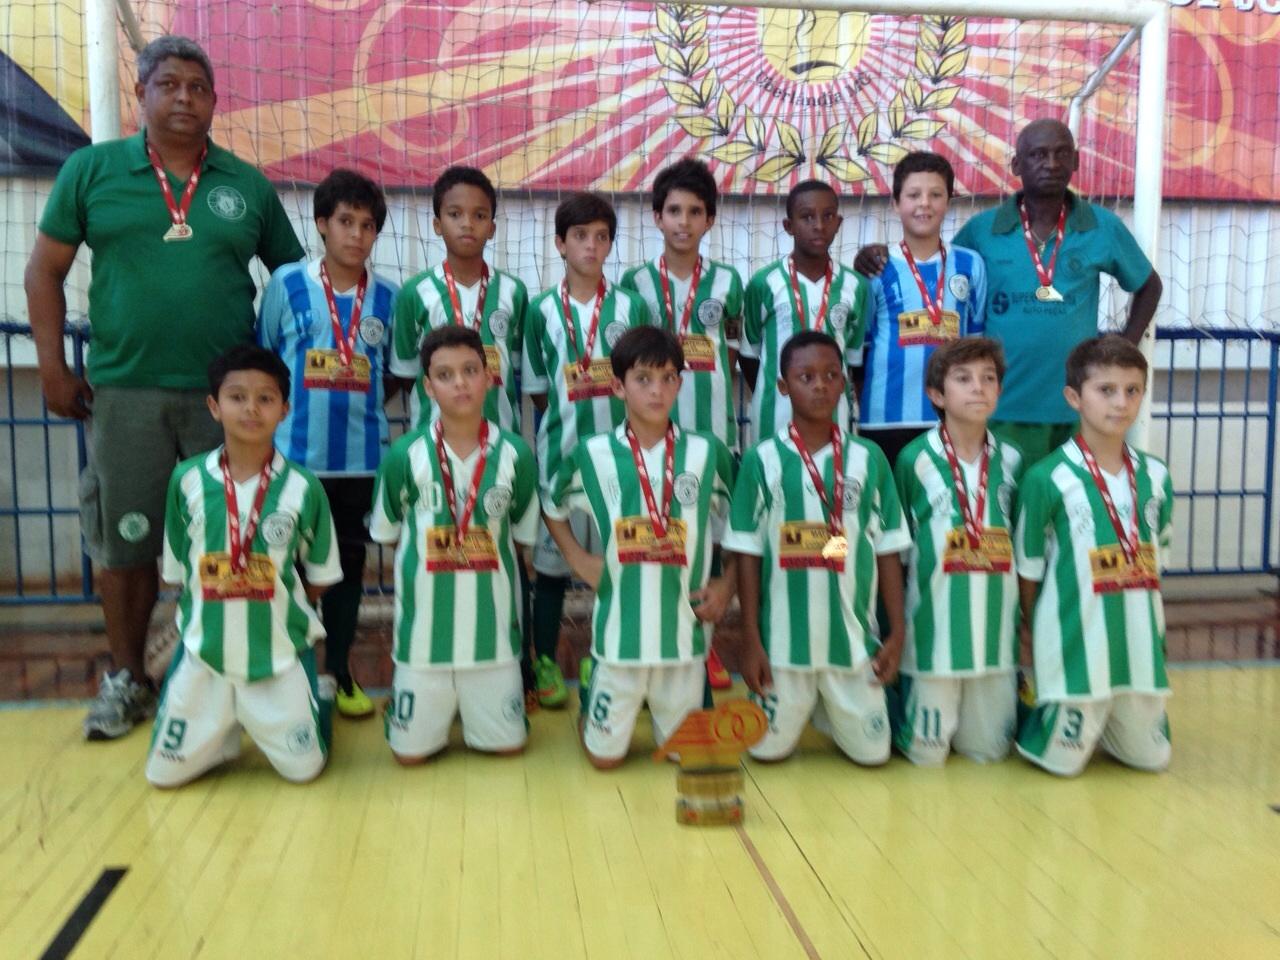 Sport Club Juiz de Fora  campeão estadual de futsal na categoria sub-11. f805edacce2d8